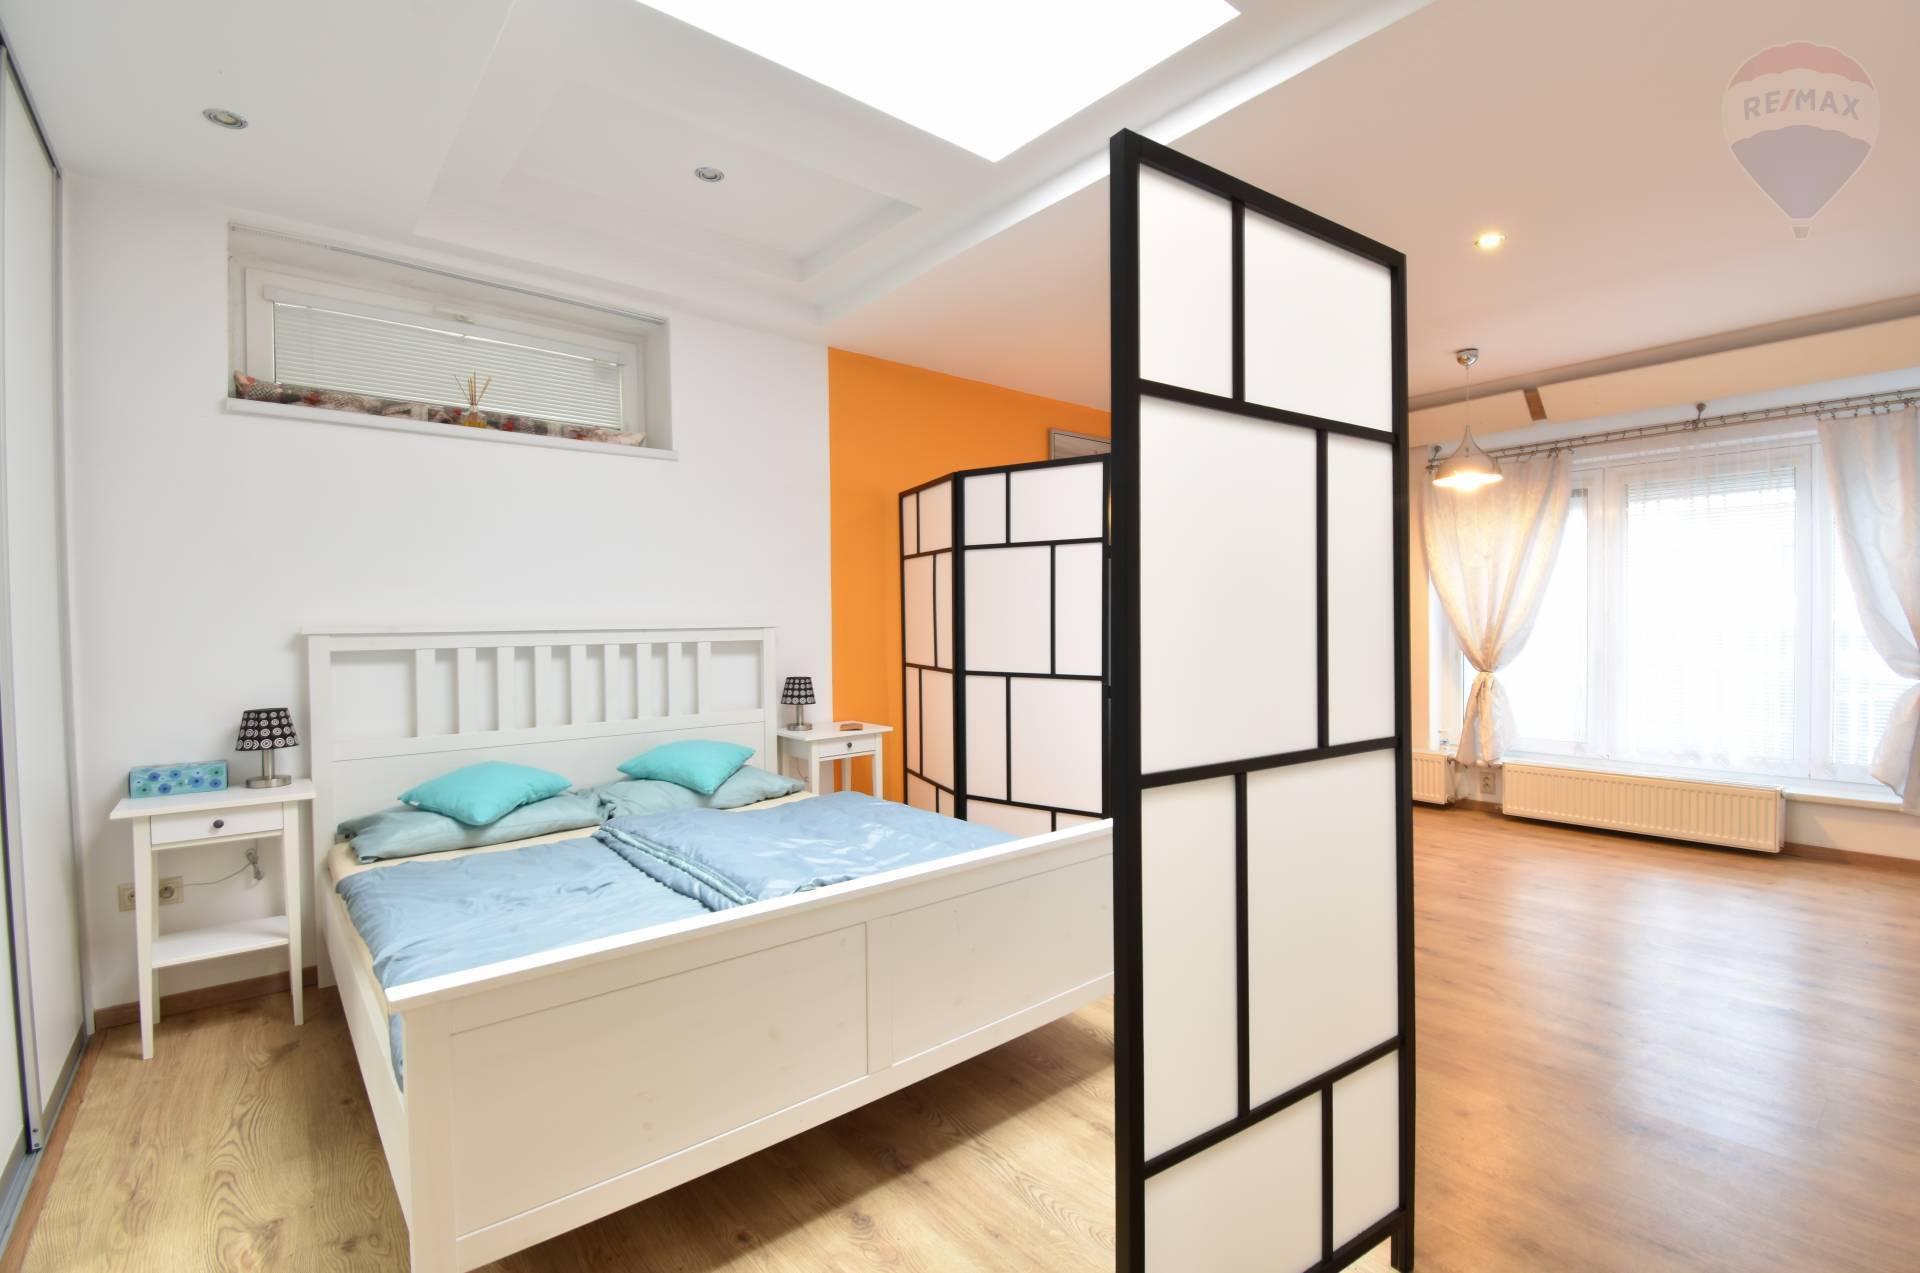 Predaj 1 izbový rodinný dom - ateliér, 59 m2, Šaštínska ulica, Karlova Ves